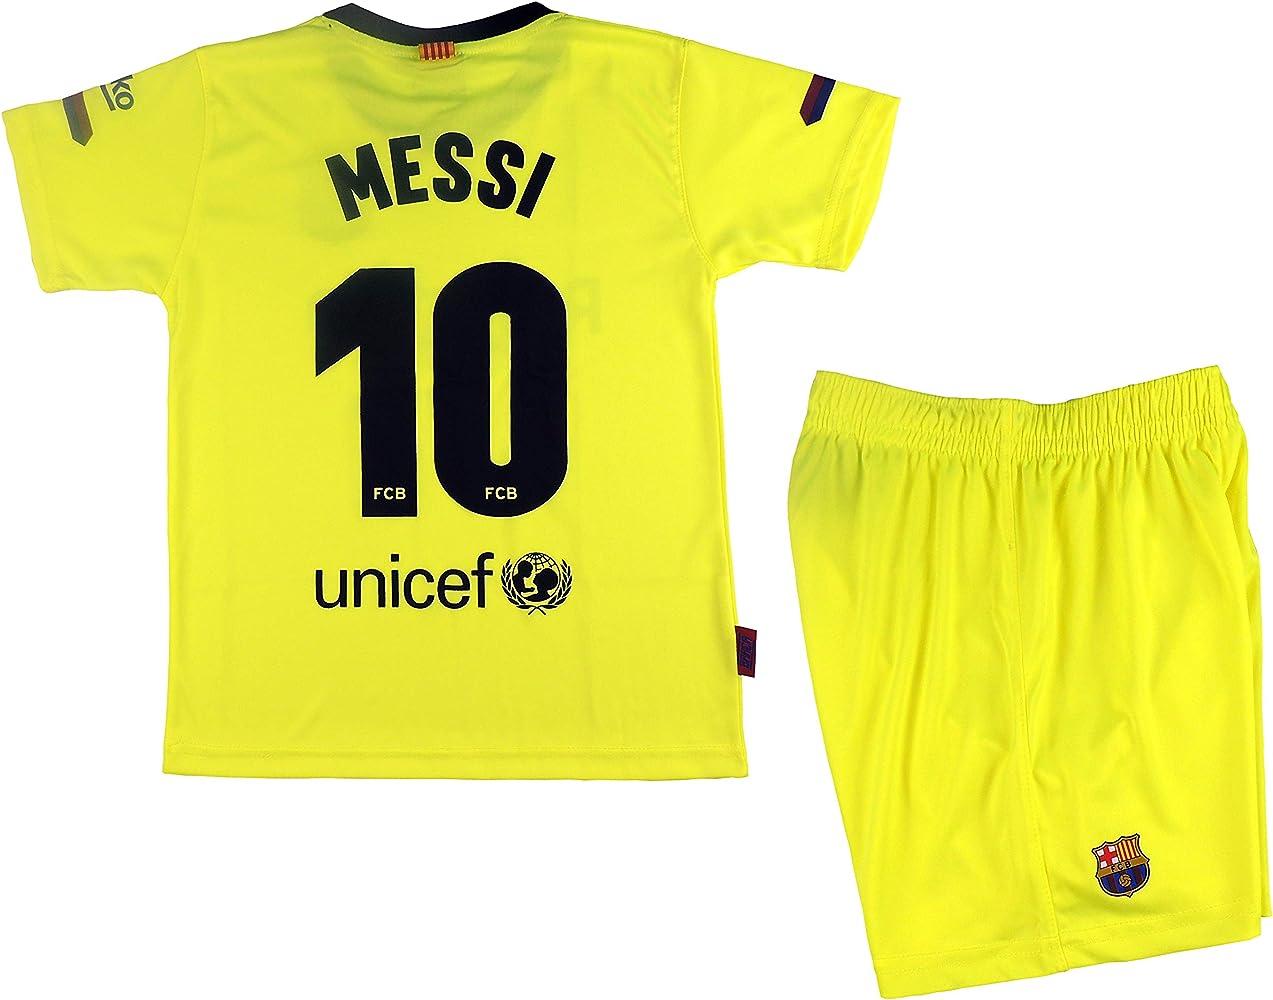 Kit Segunda Equipación Infantil Leo Messi del FC Barcelona Producto Oficial Licenciado Temporada 2018-19 (6 años): Amazon.es: Ropa y accesorios